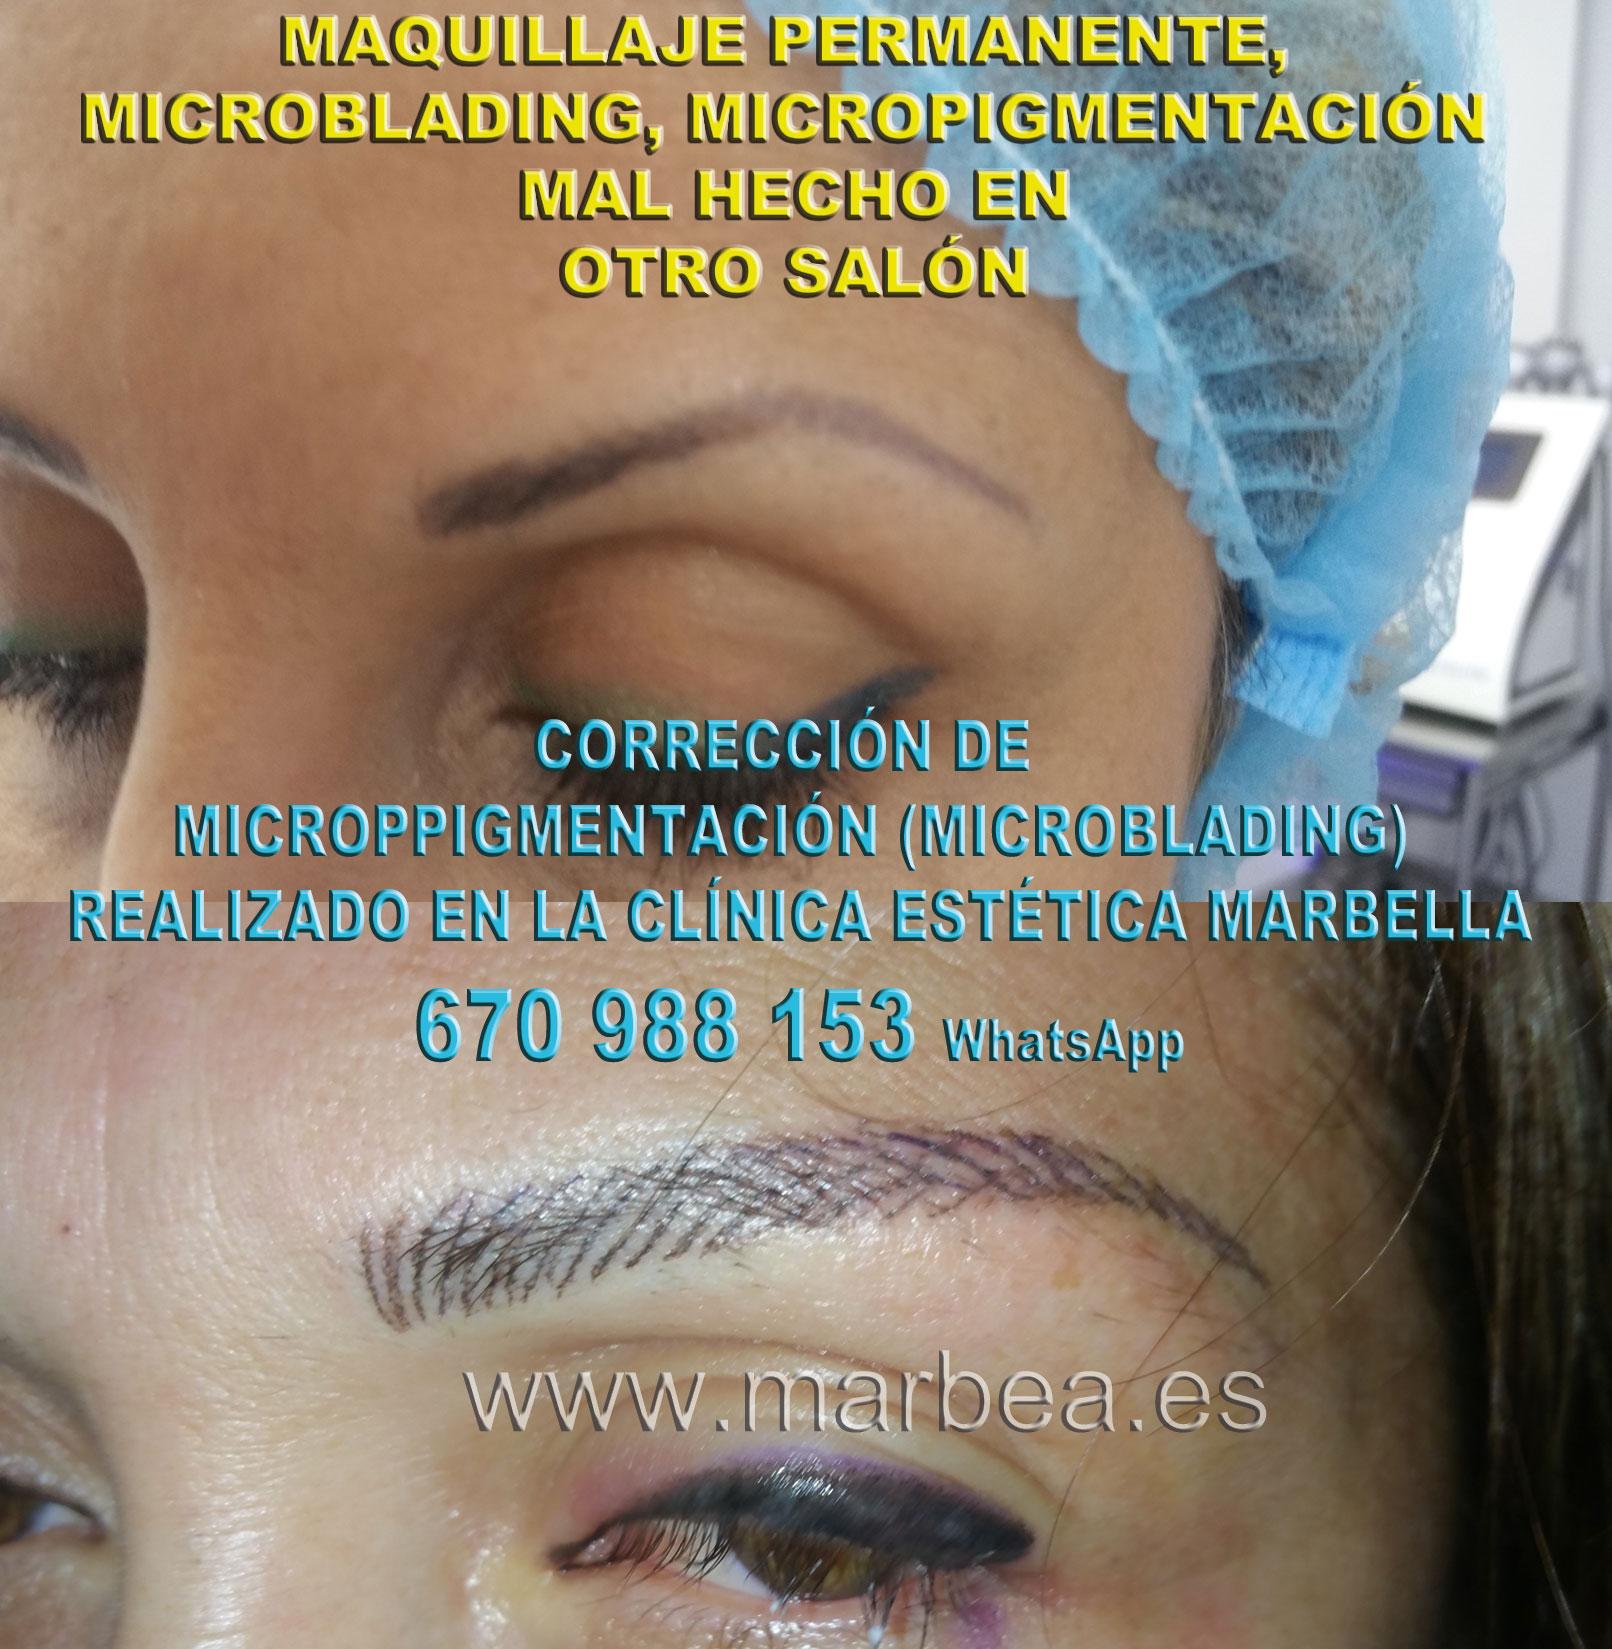 ELIMINAR TATUAJE CEJAS clínica estética micropigmentación propone como aclarar la micropigmentación cejas,reparamos microppigmentacion mal hechos